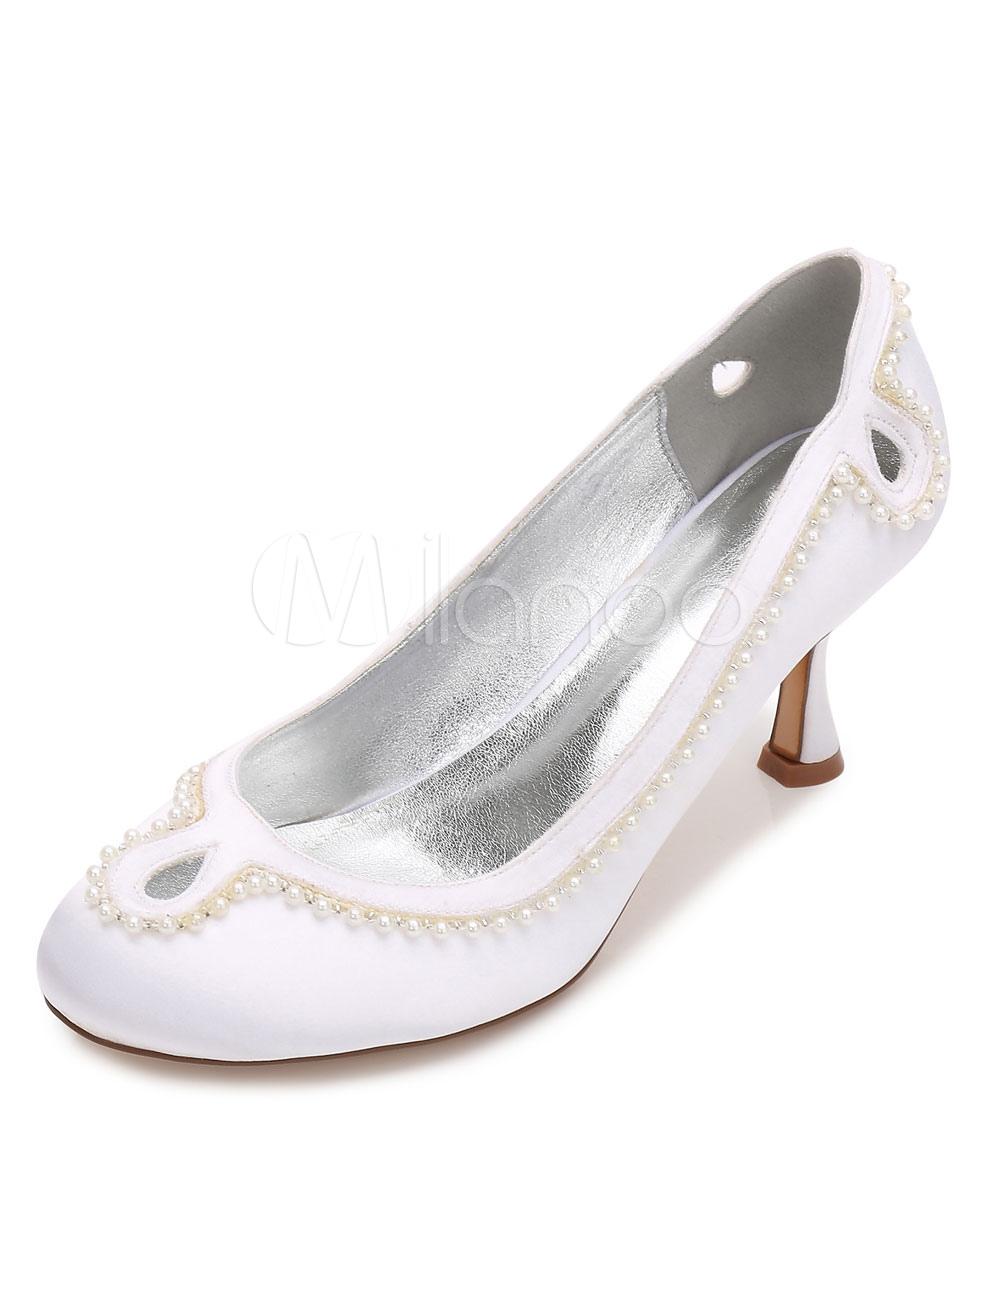 Zapatos Tacón bobina de puntera redonda de seda y satén Fiesta de bodas tsiWu